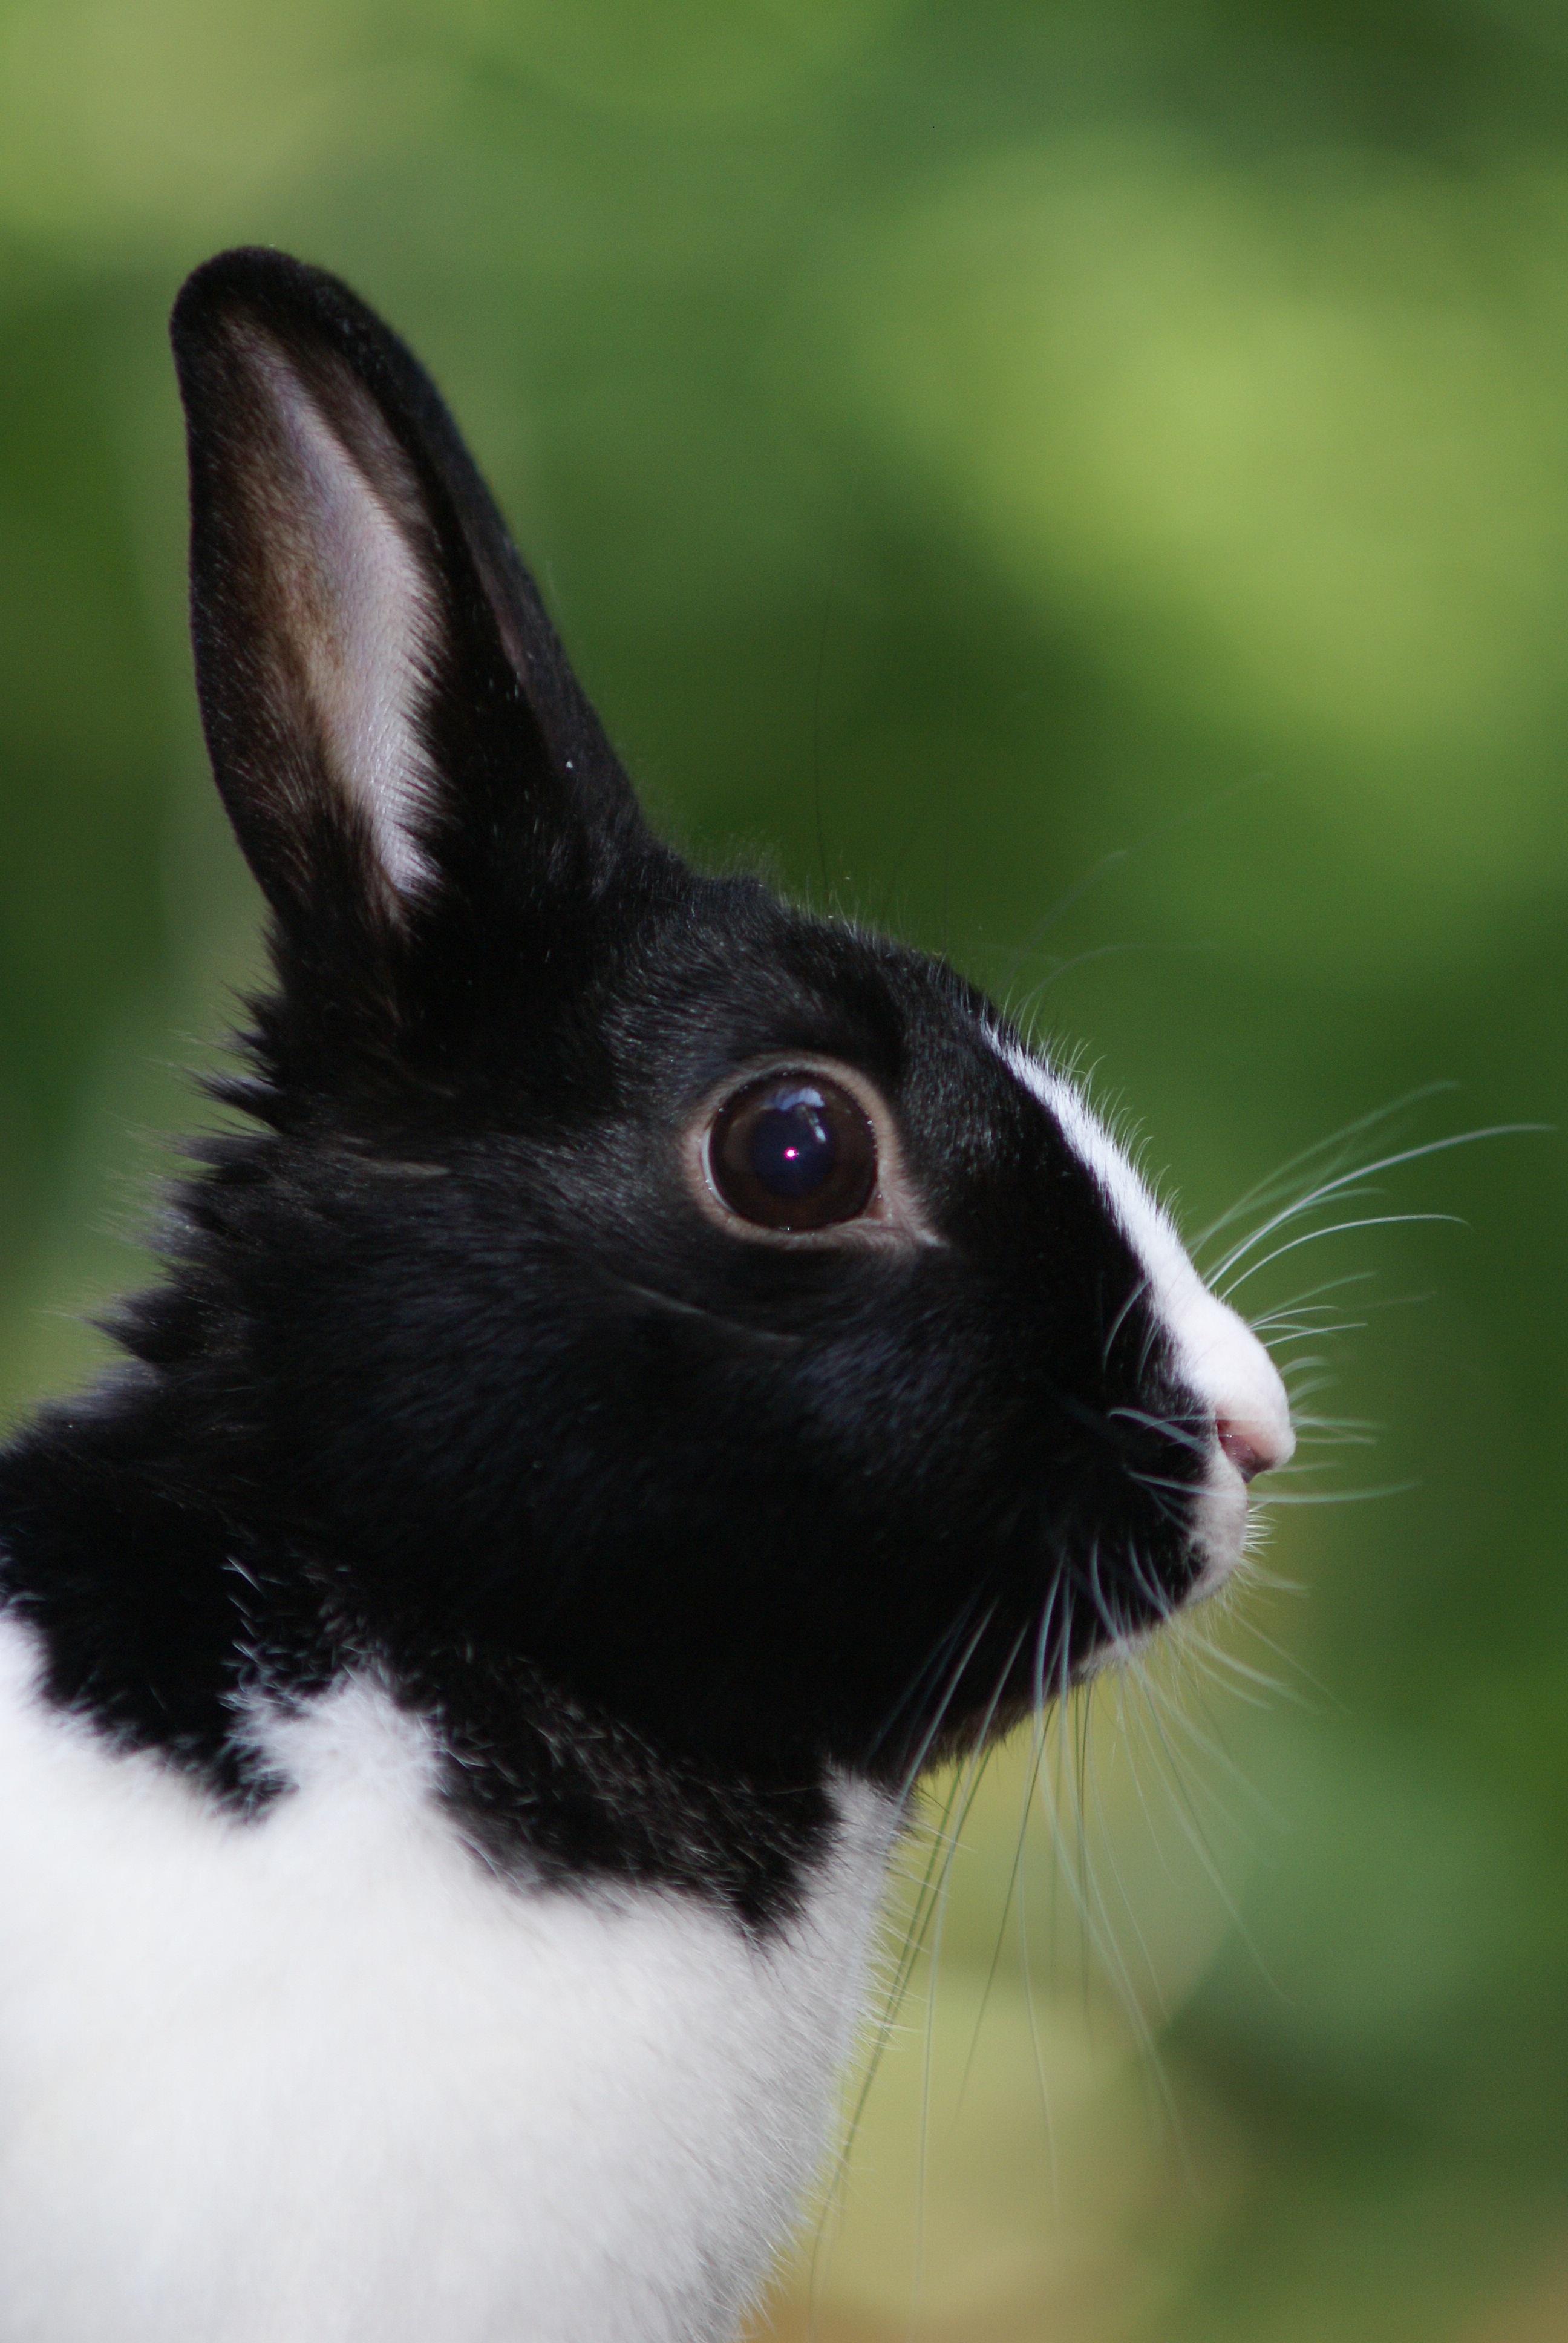 51+ Gambar Binatang Kelinci Hitam Putih Gratis Terbaik